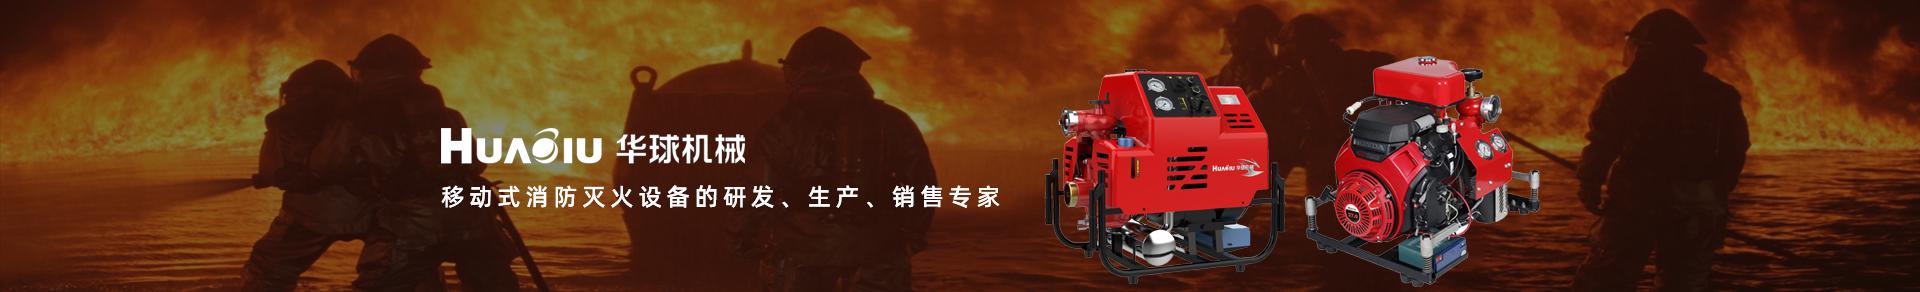 http://www.zj-woq.cn/data/images/slide/20210507151940_432.jpg